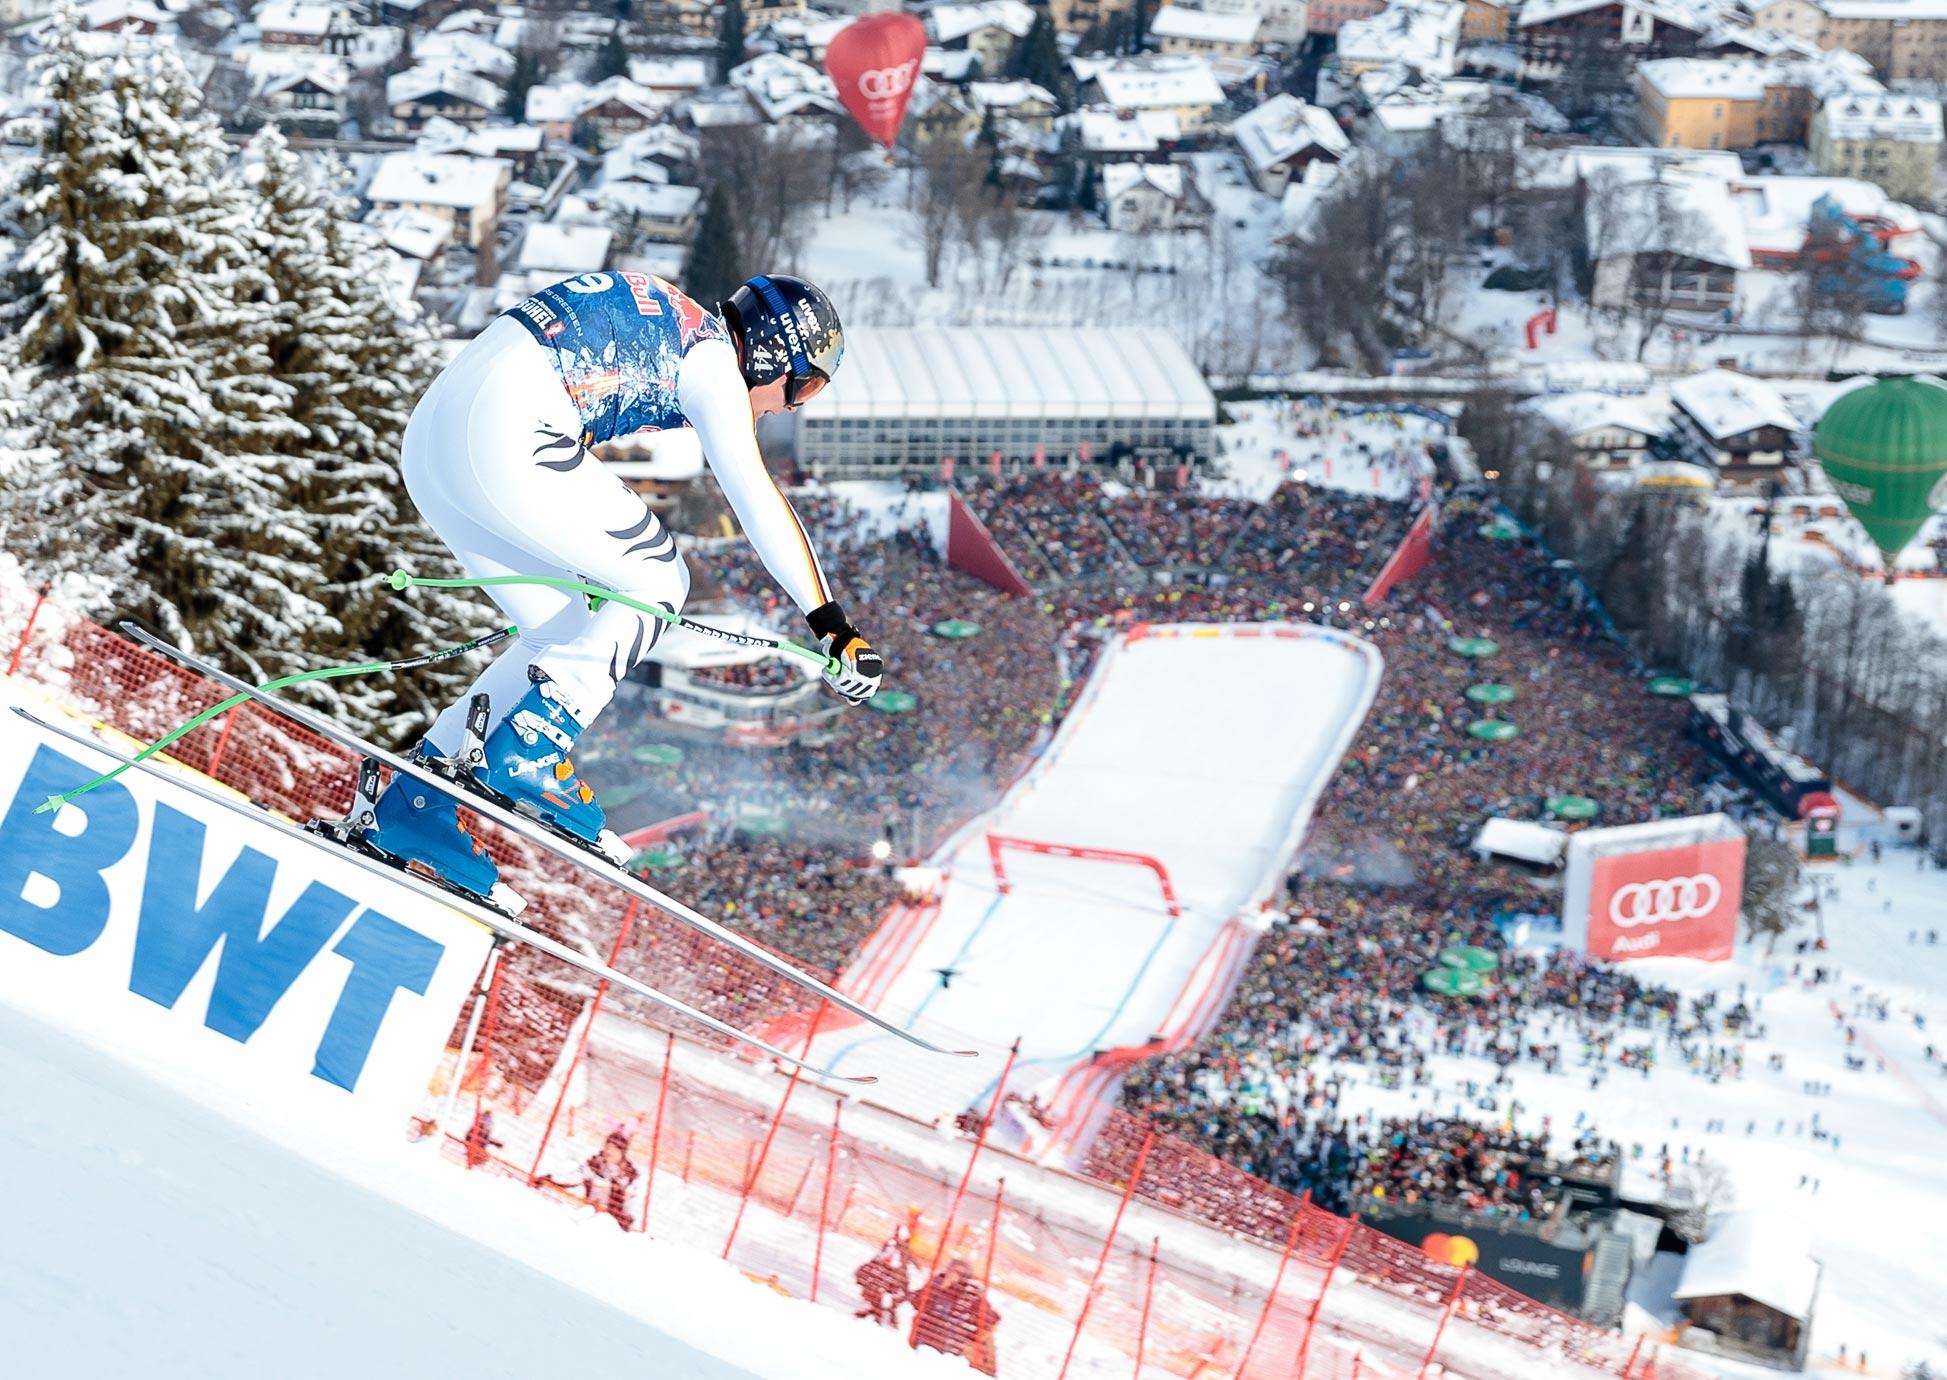 Thomas Dreßen bei Sprung über Hausbergkante in Kitzbühel - Thomas Dreßen